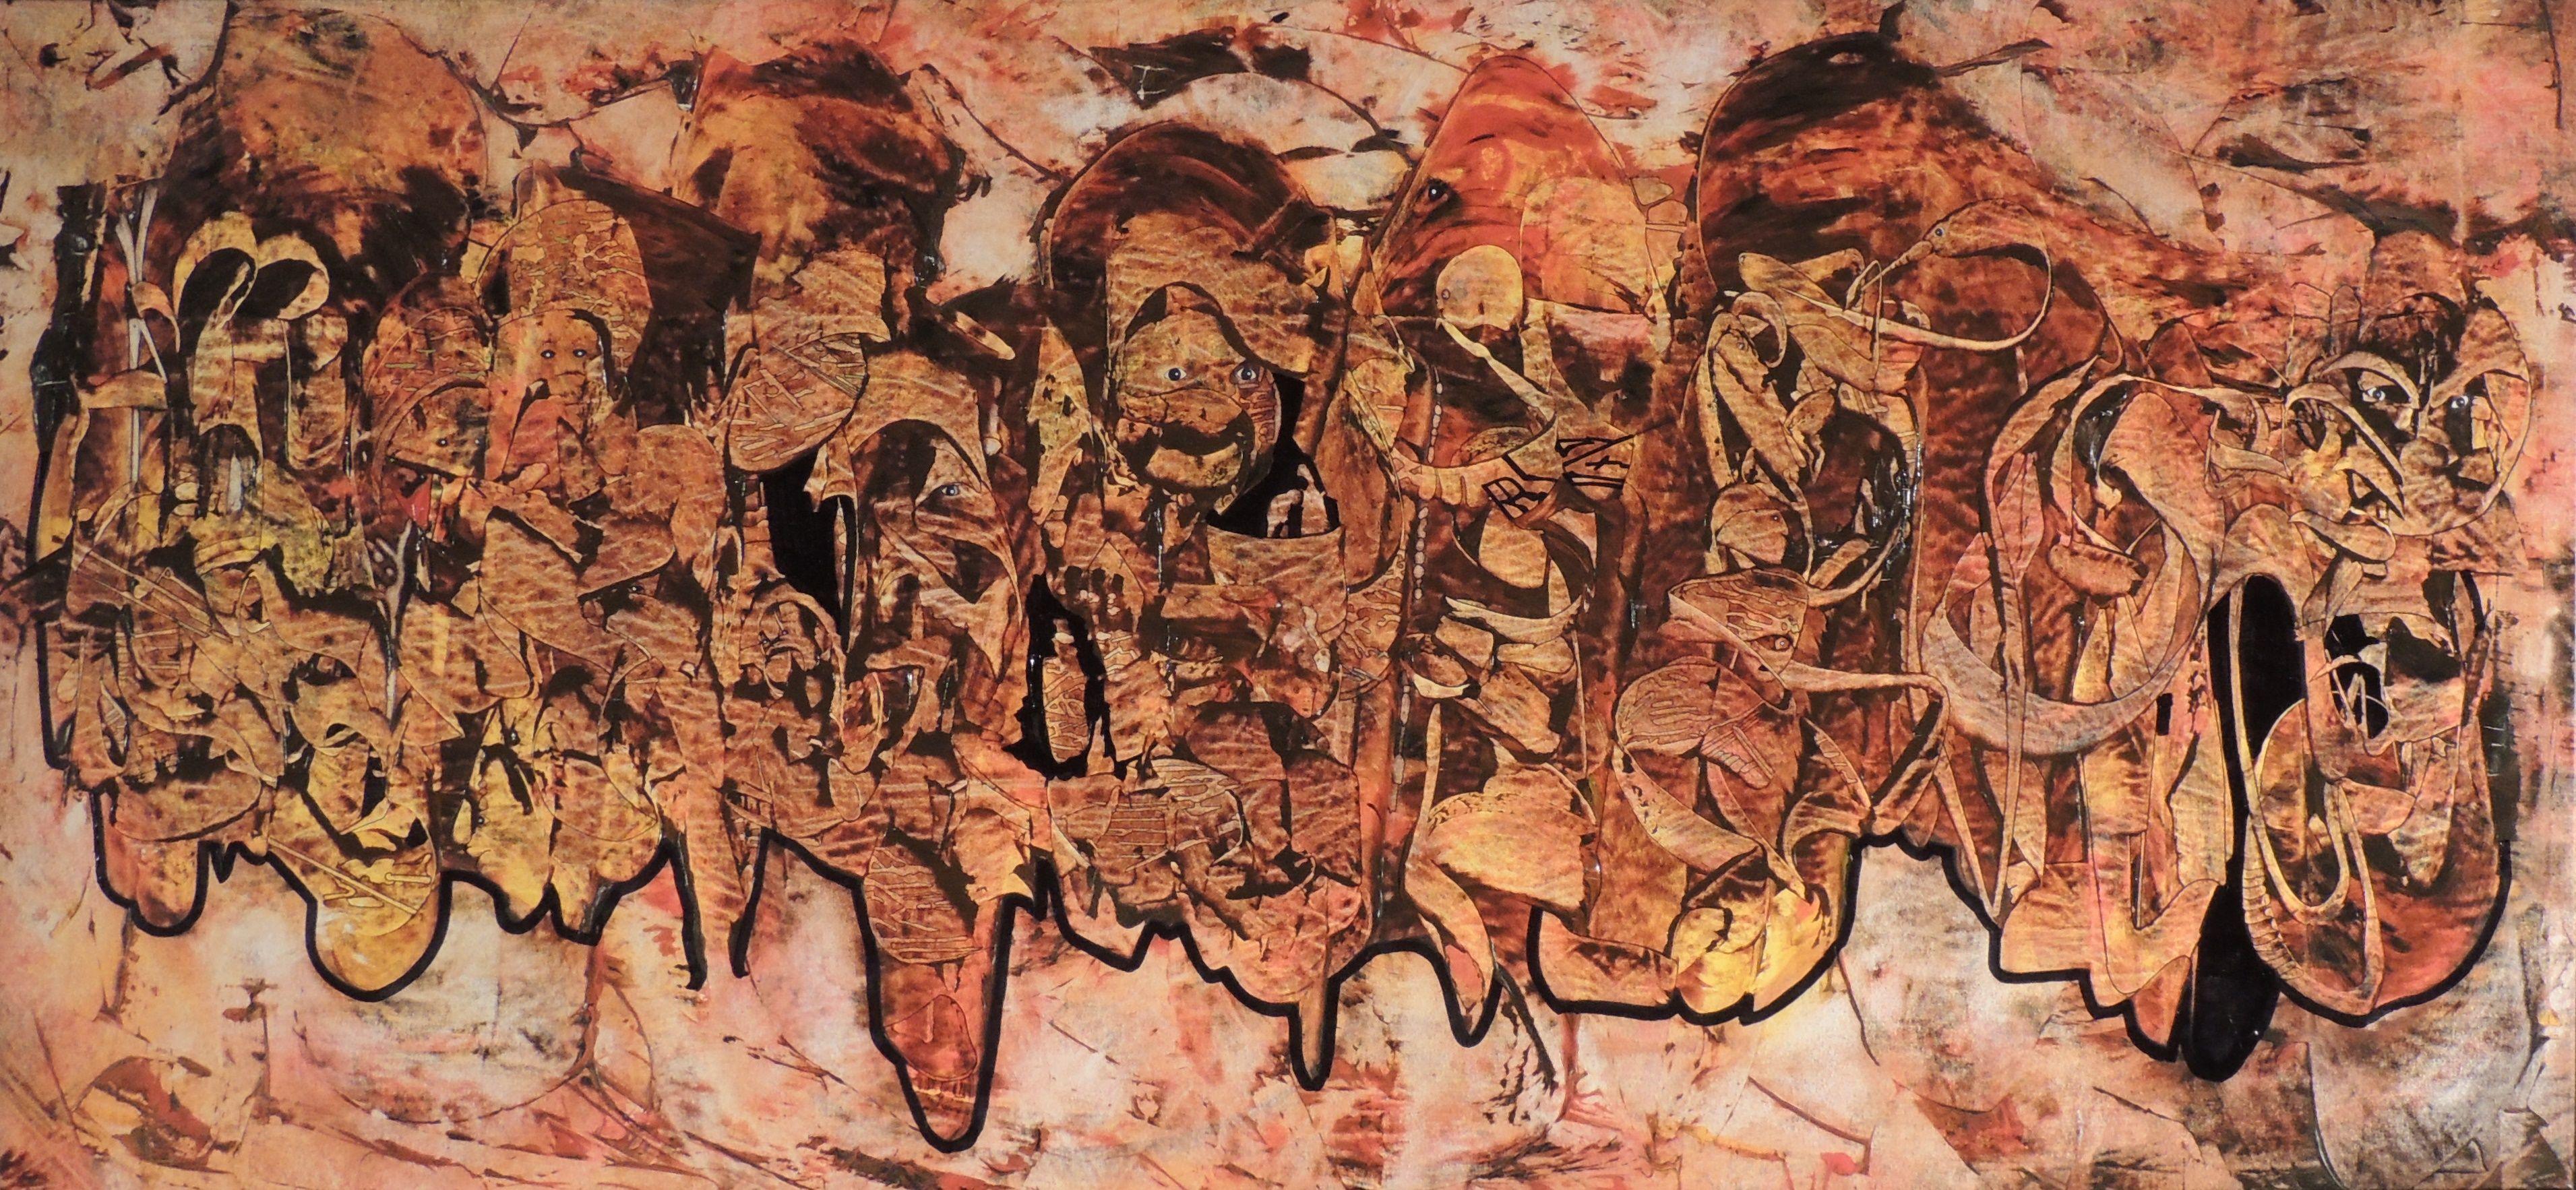 le-chant-brulant-des-cenotaphes-3-savi-peinture